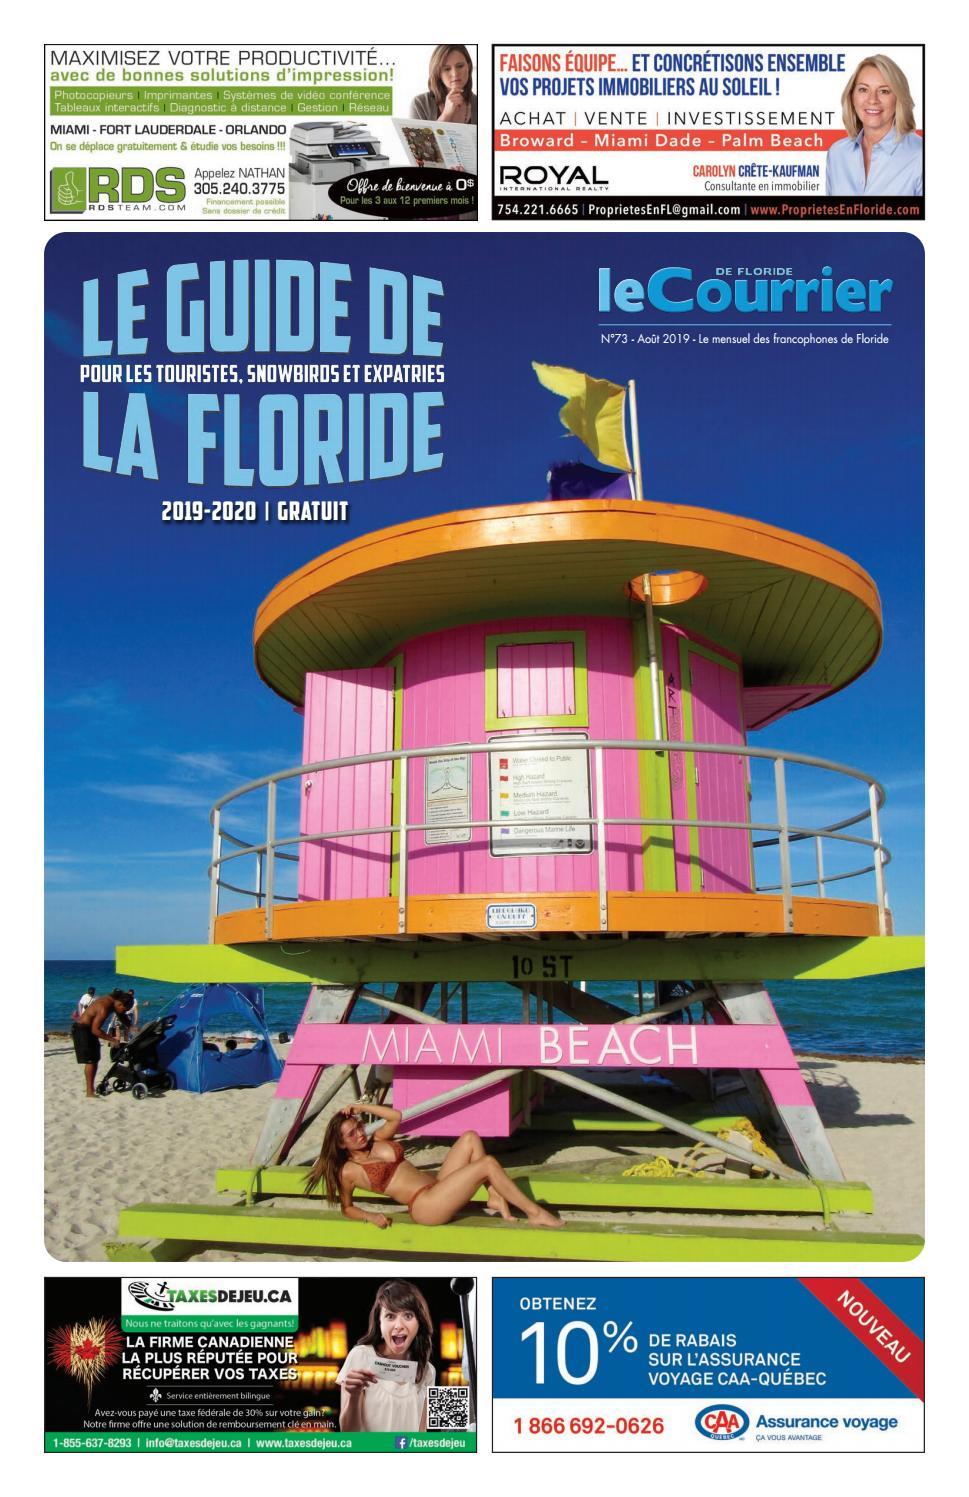 site de rencontre le plus populaire en Floride sites de rencontres allemands gratuitement